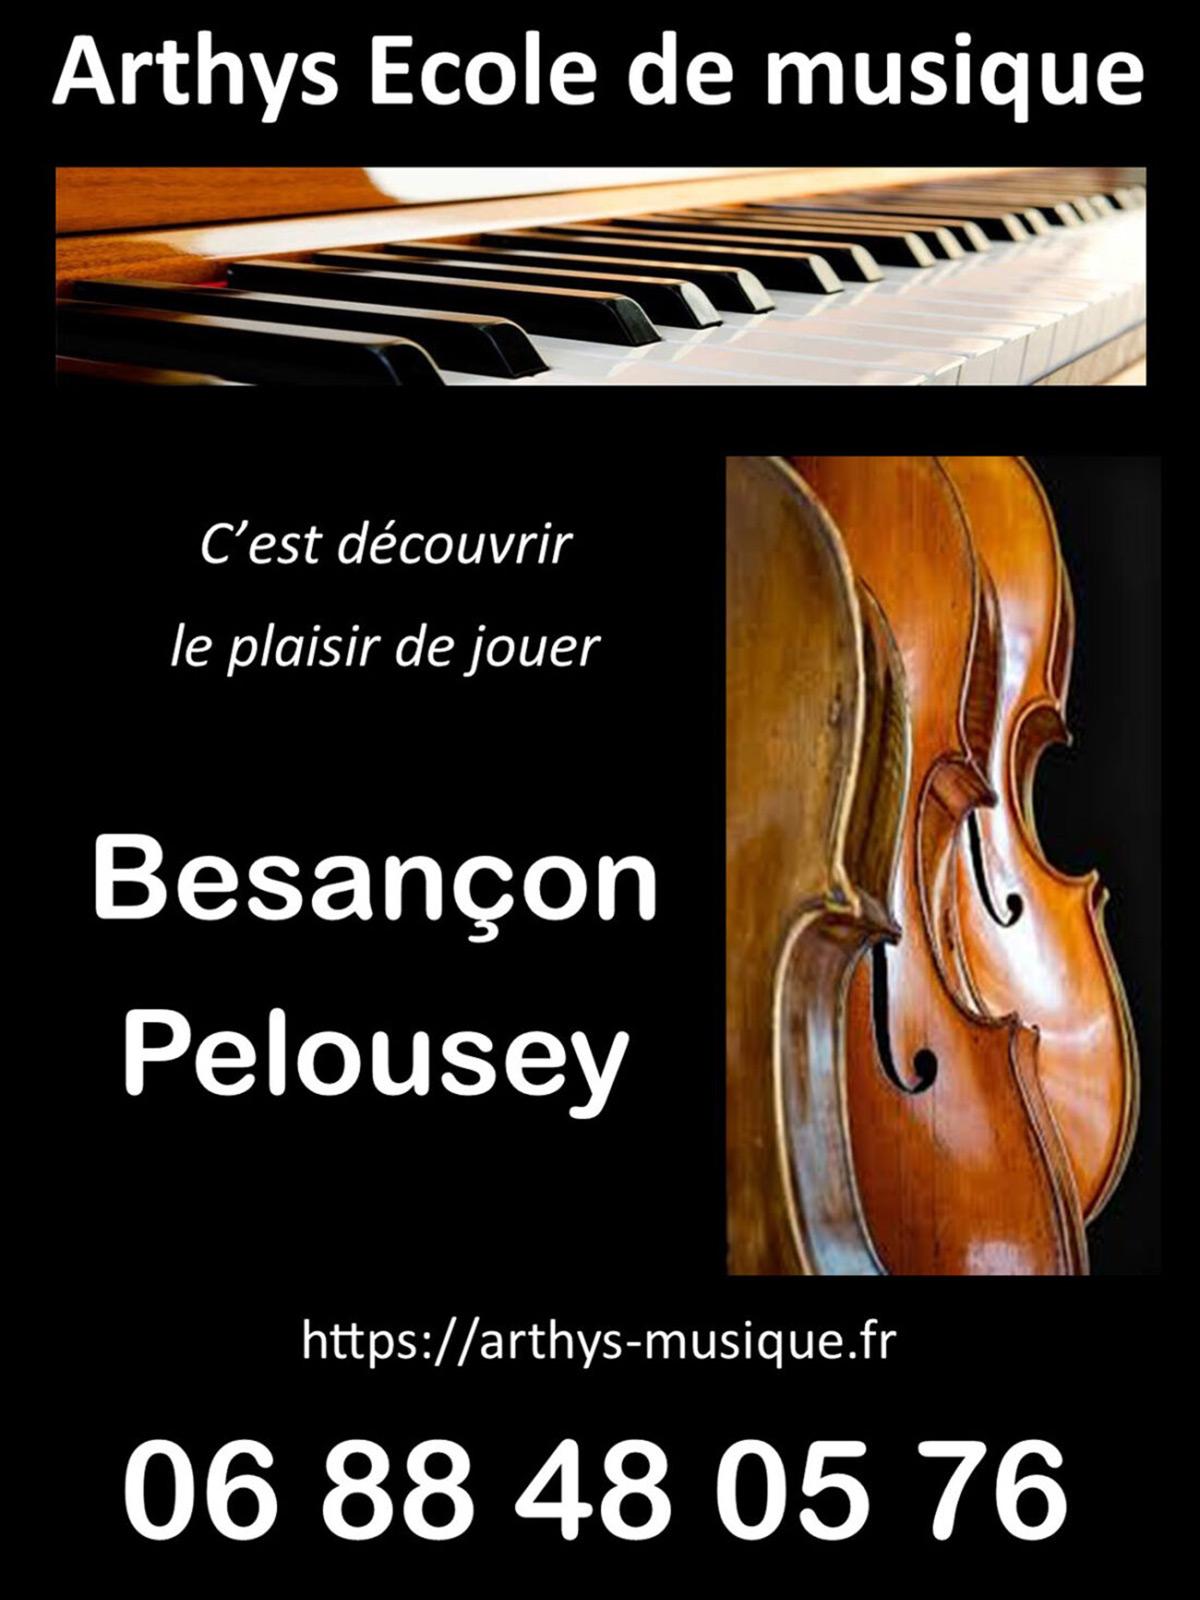 Stages à l 'école de musique Arthys à Besançon ou Pelousey